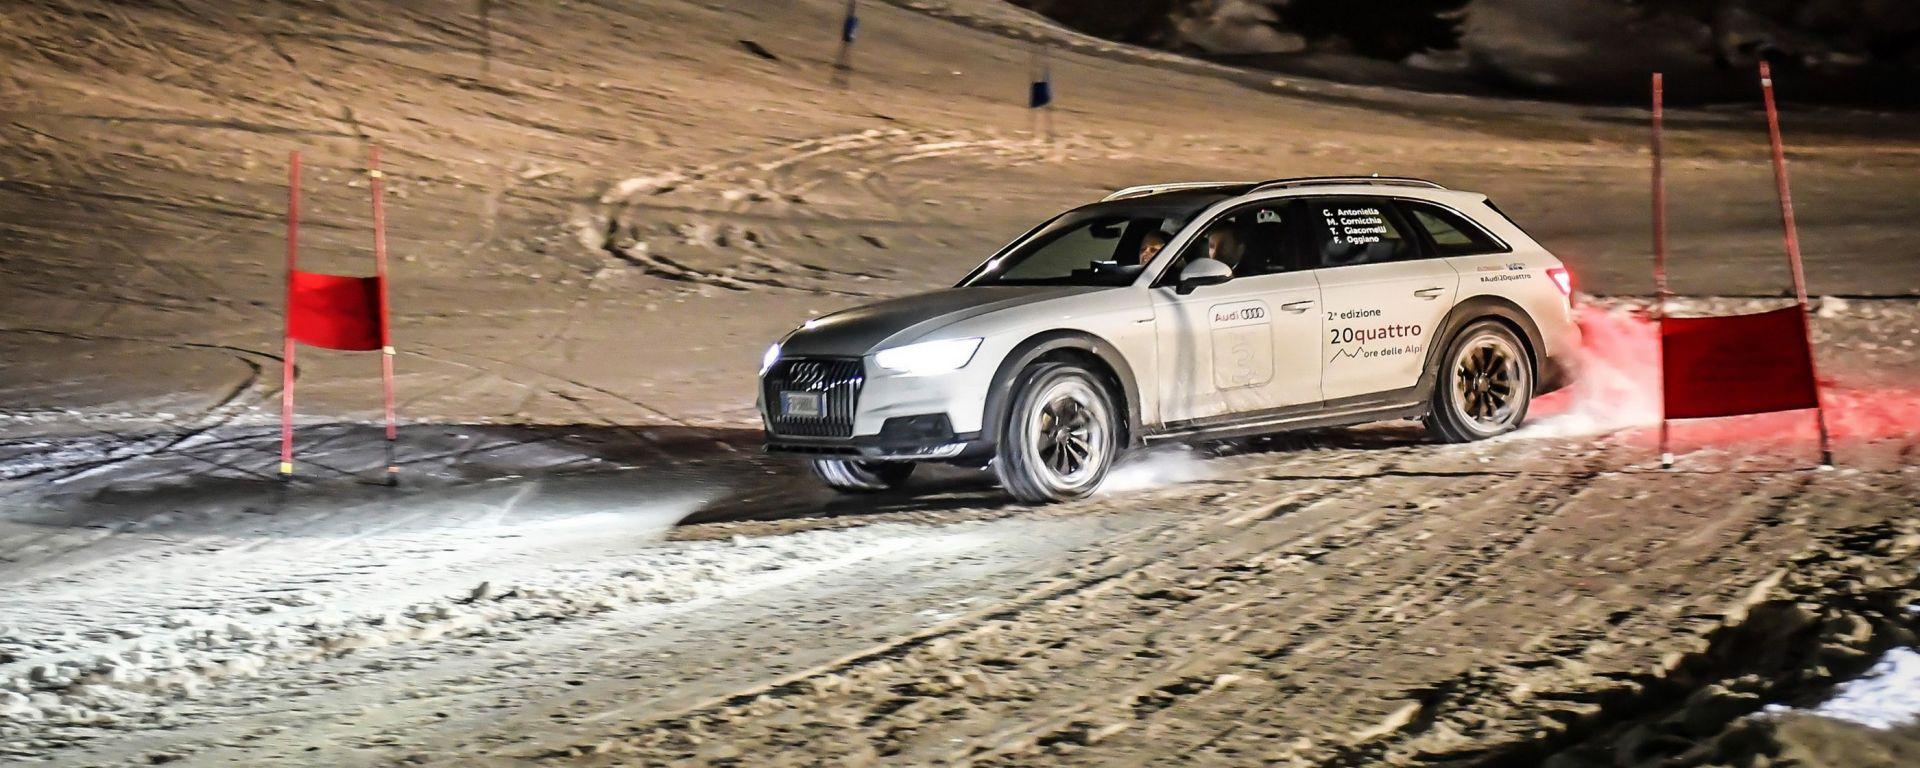 Audi 20quattro ore delle Alpi: all'arrivo a San Bernardino ci aspetta una prova speciale, uno slalom gigante. In salita però